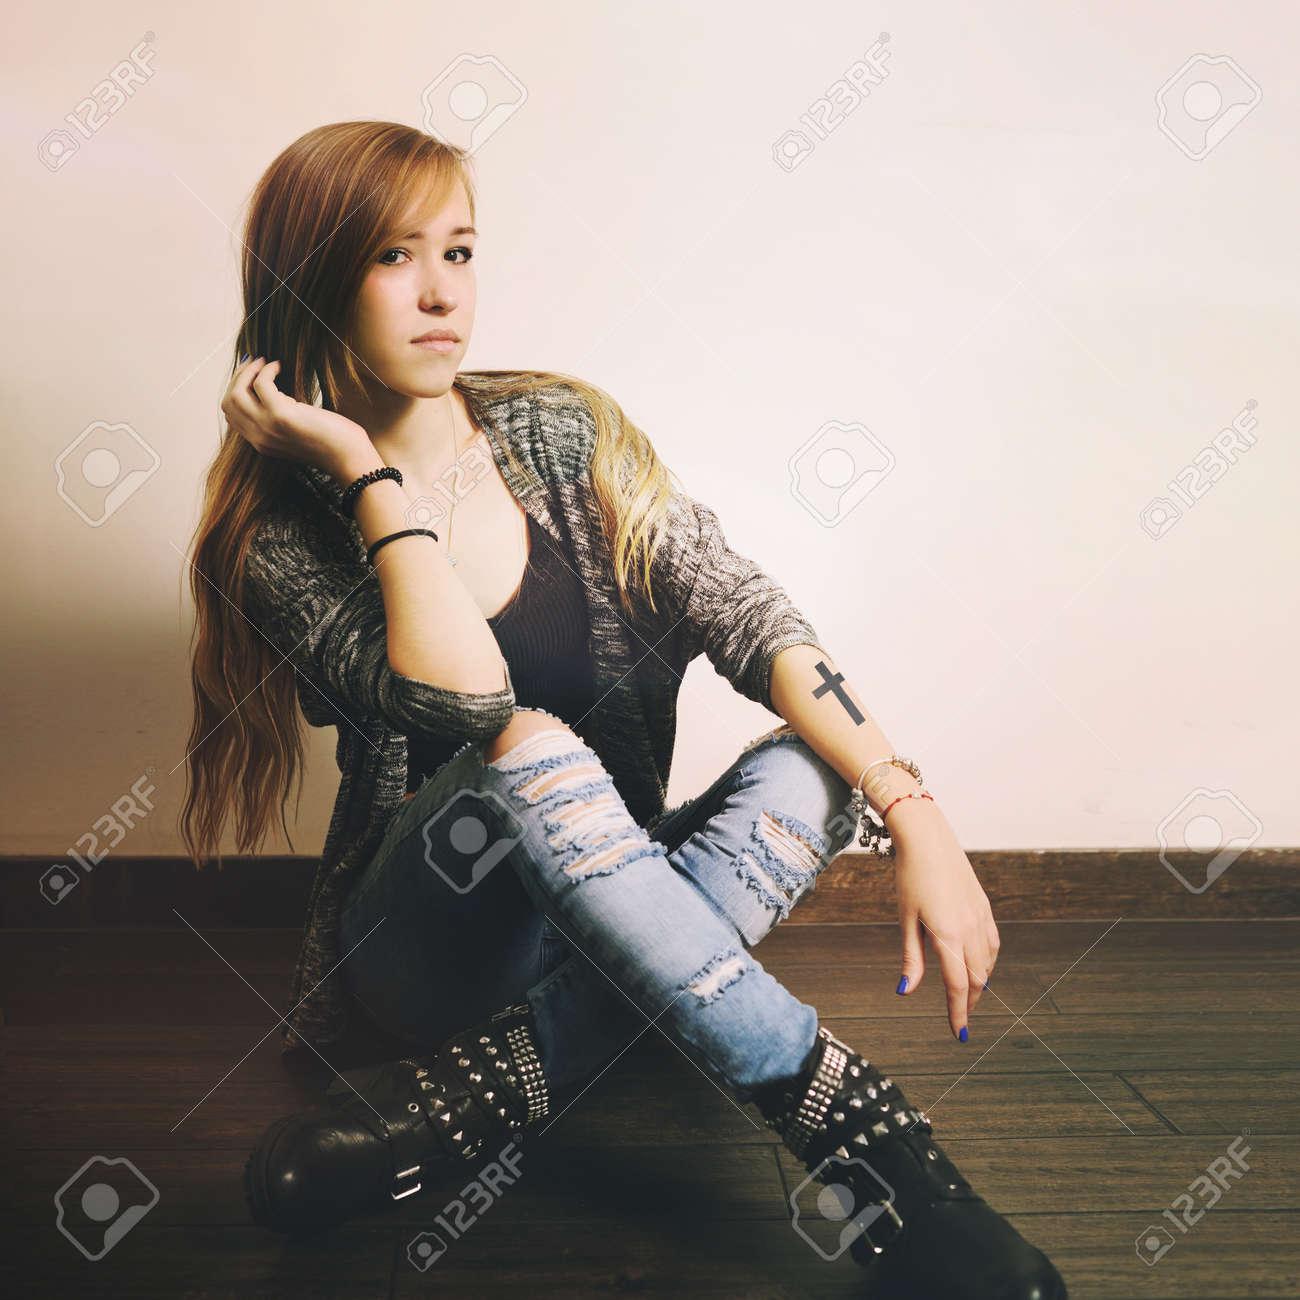 Jeune Femme Caucasien Avec Le Tatouage Croix Sur Une Main Assis Sur